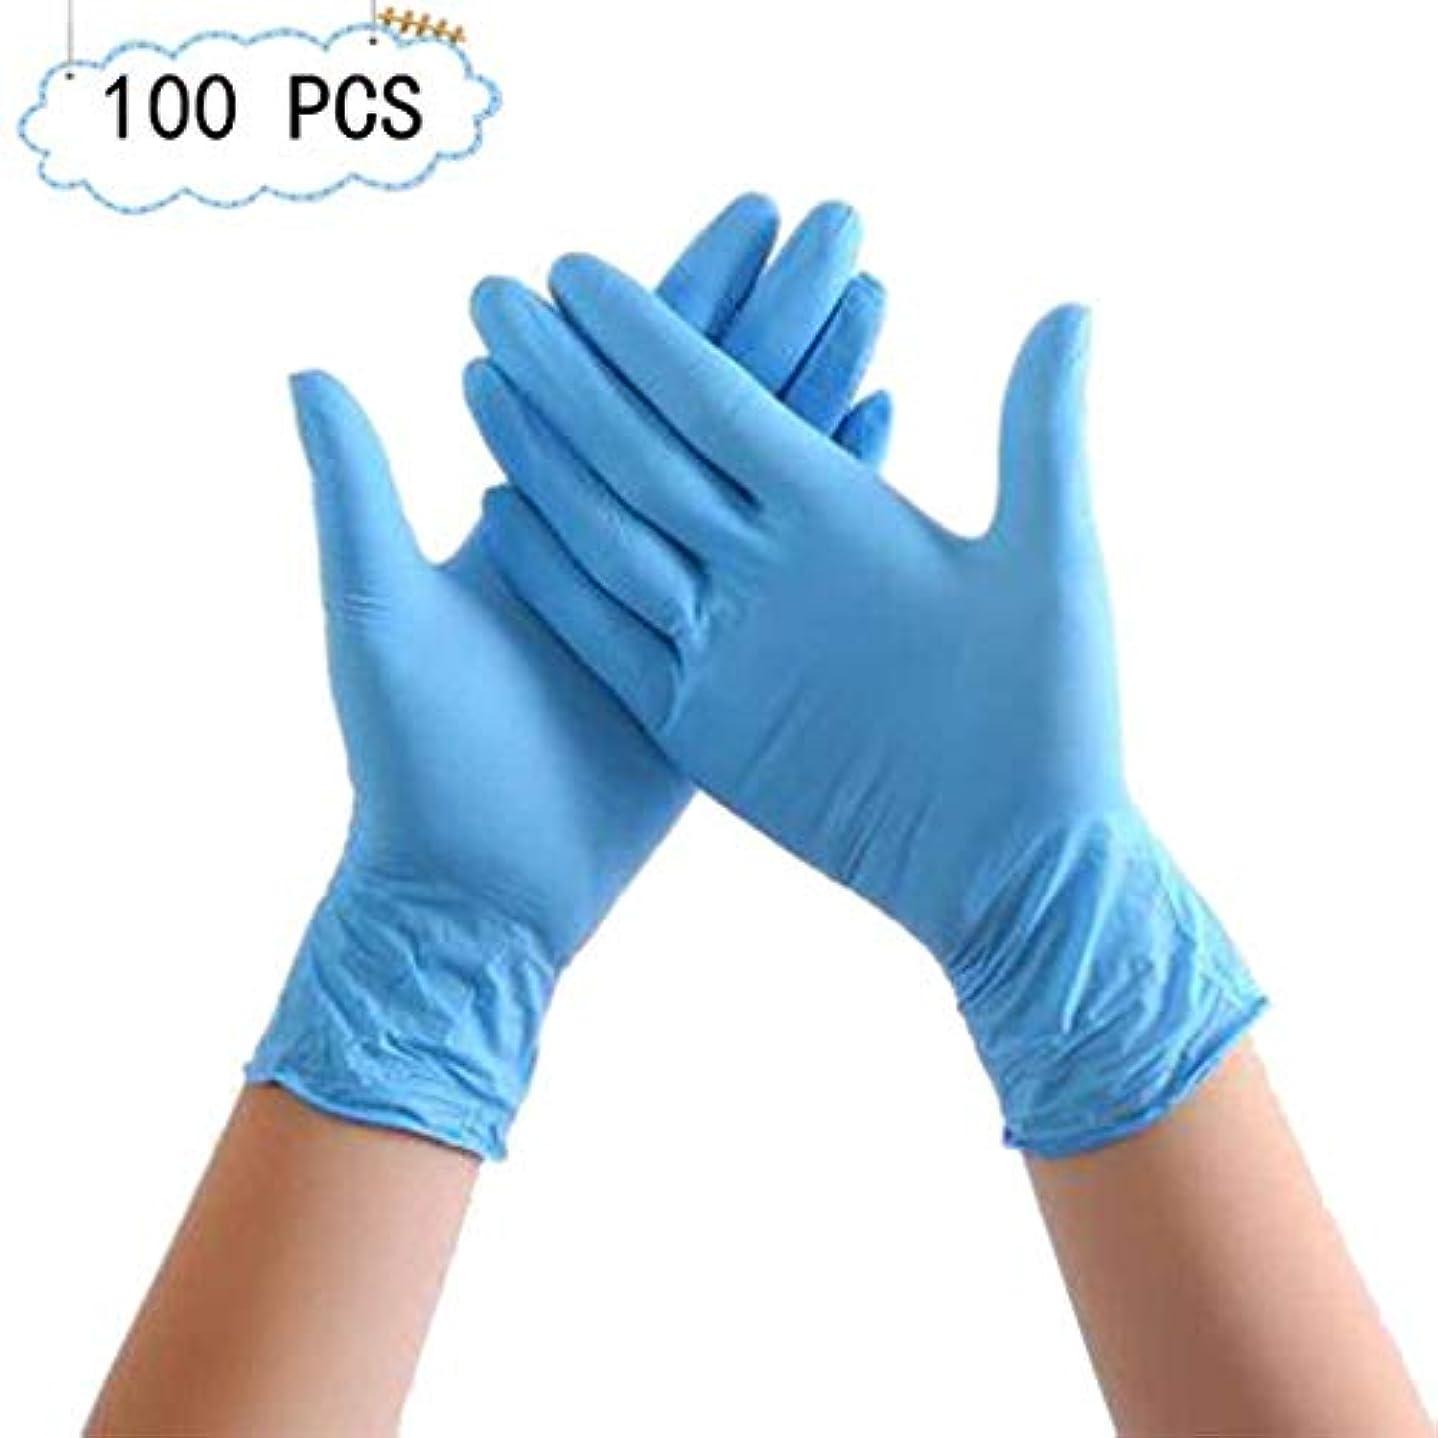 受取人船上一瞬ニトリル手袋手袋9インチネイルアート検査保護実験、美容院ラテックスフリー、パウダーフリー、100個 (Color : Blue, Size : L)